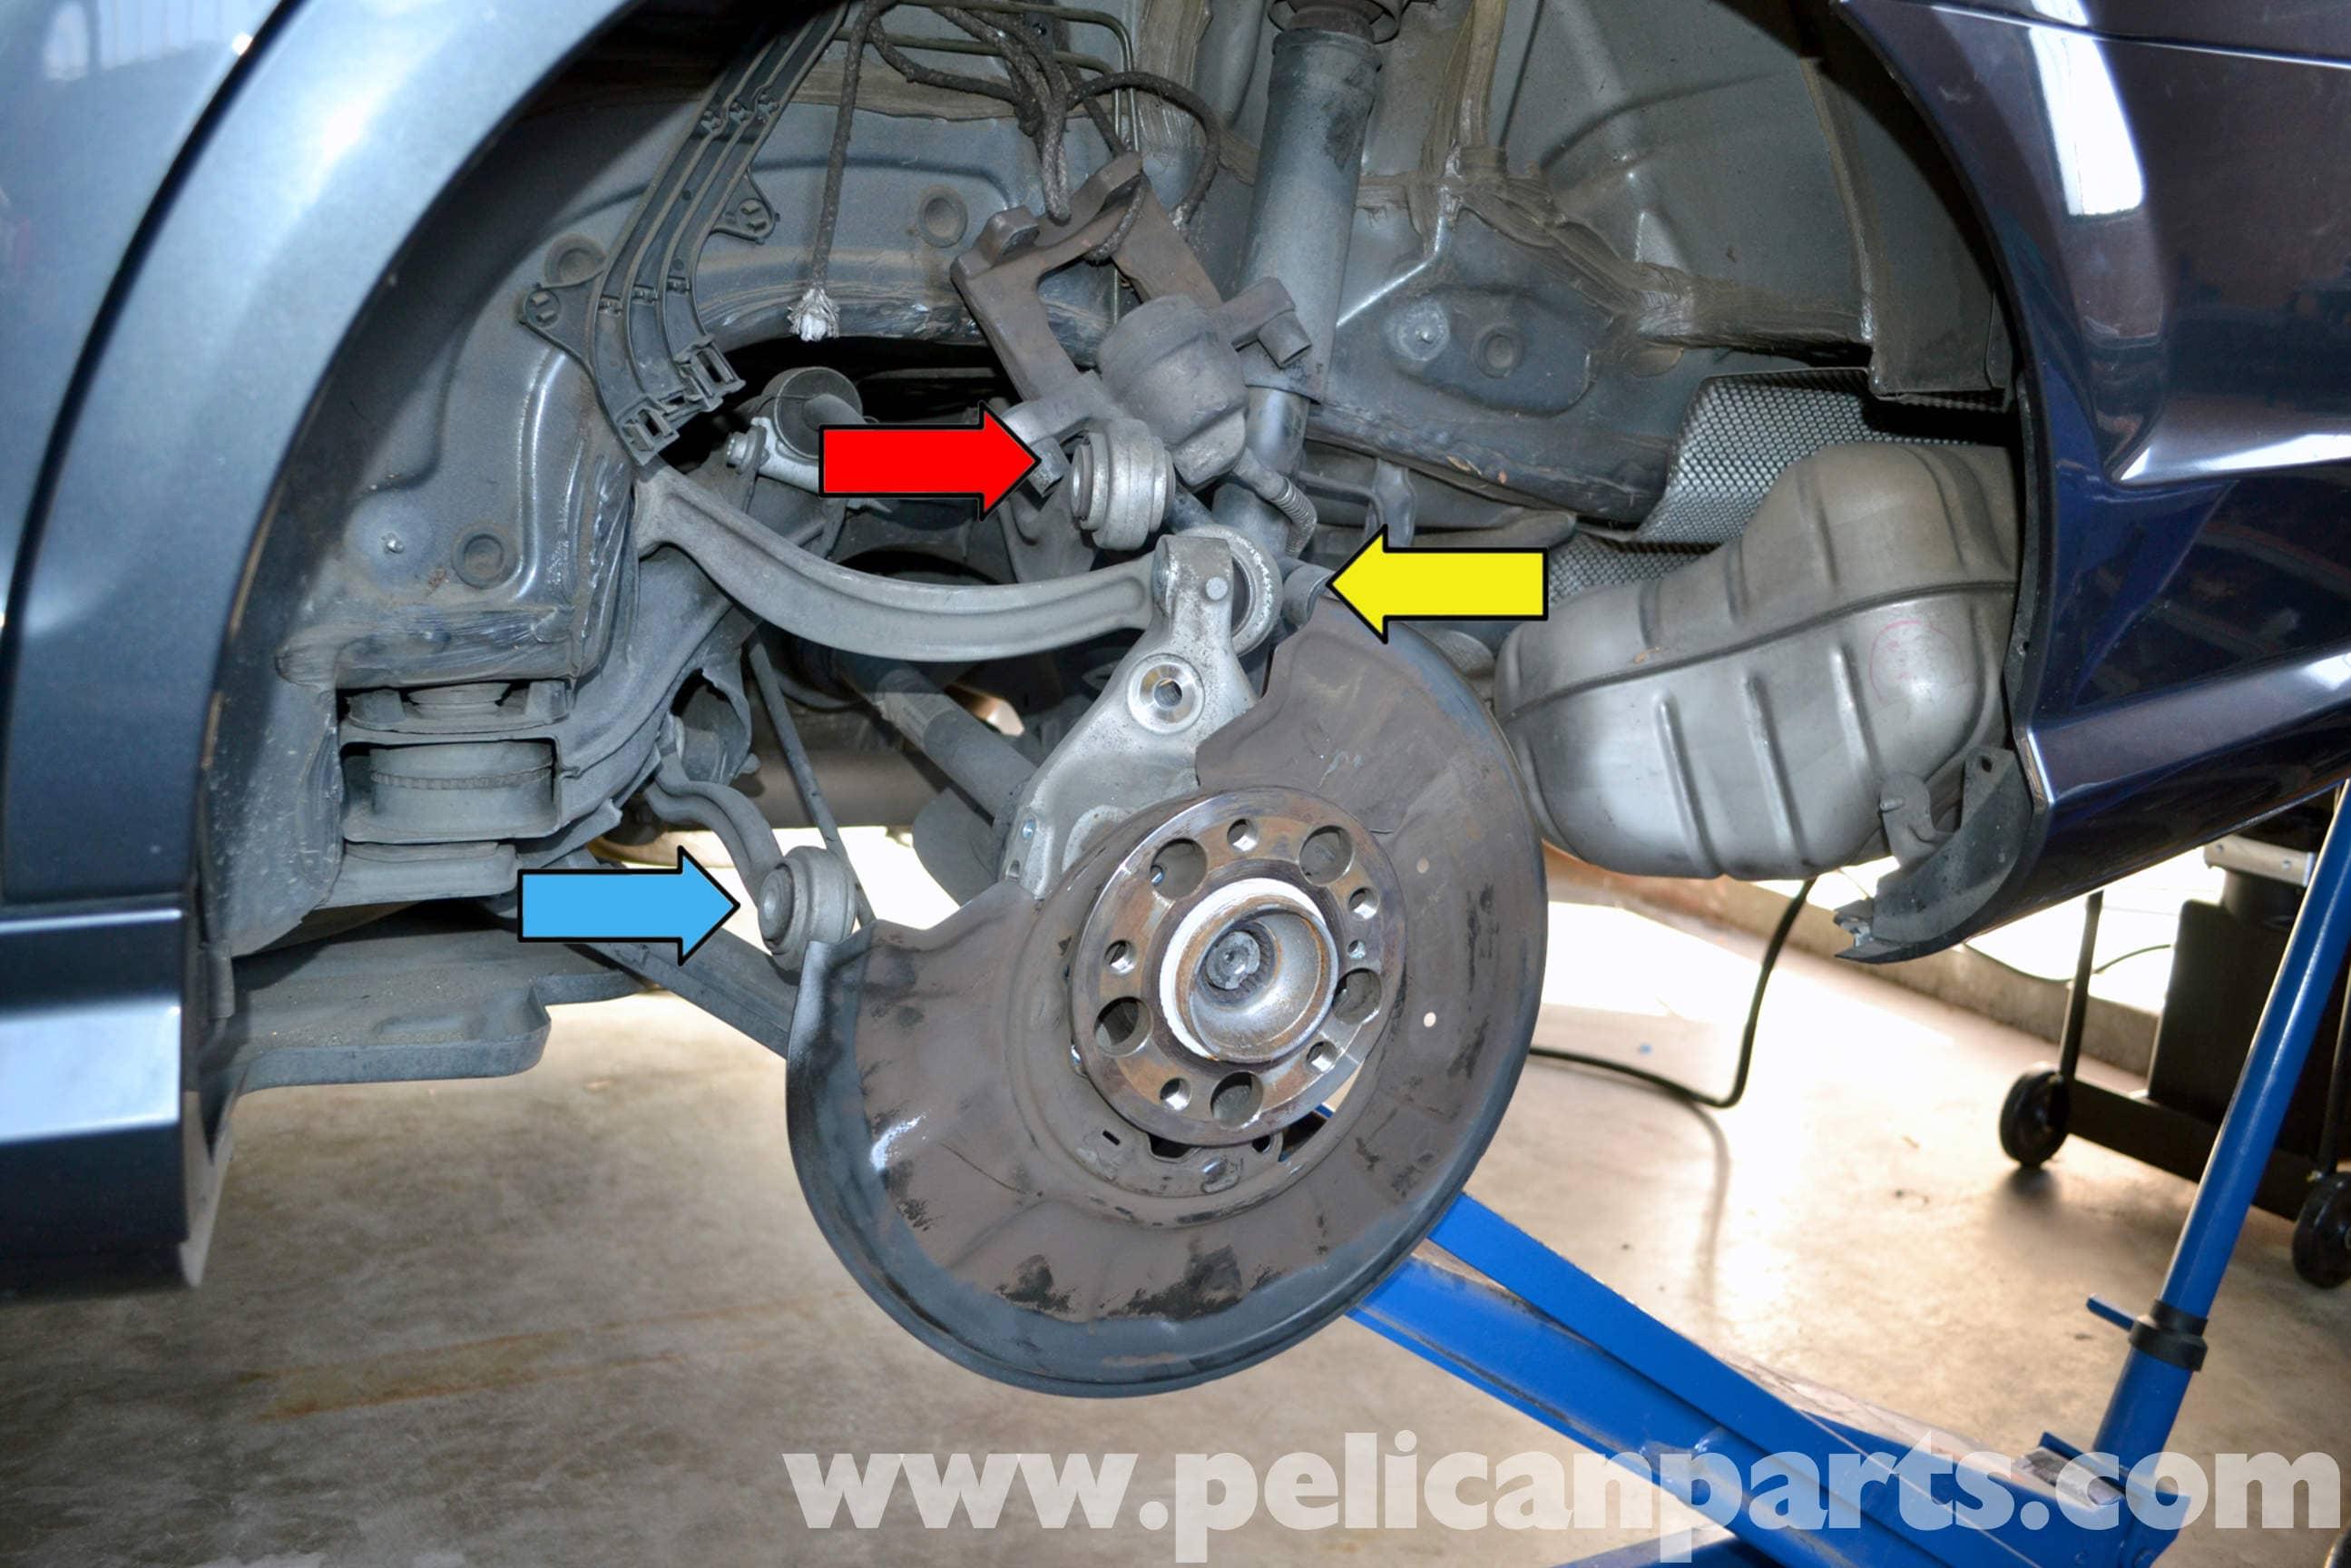 Mercedes Benz W204 Axle Replacement 2008 2014 C250 C300 C350 Pelican Parts Diy